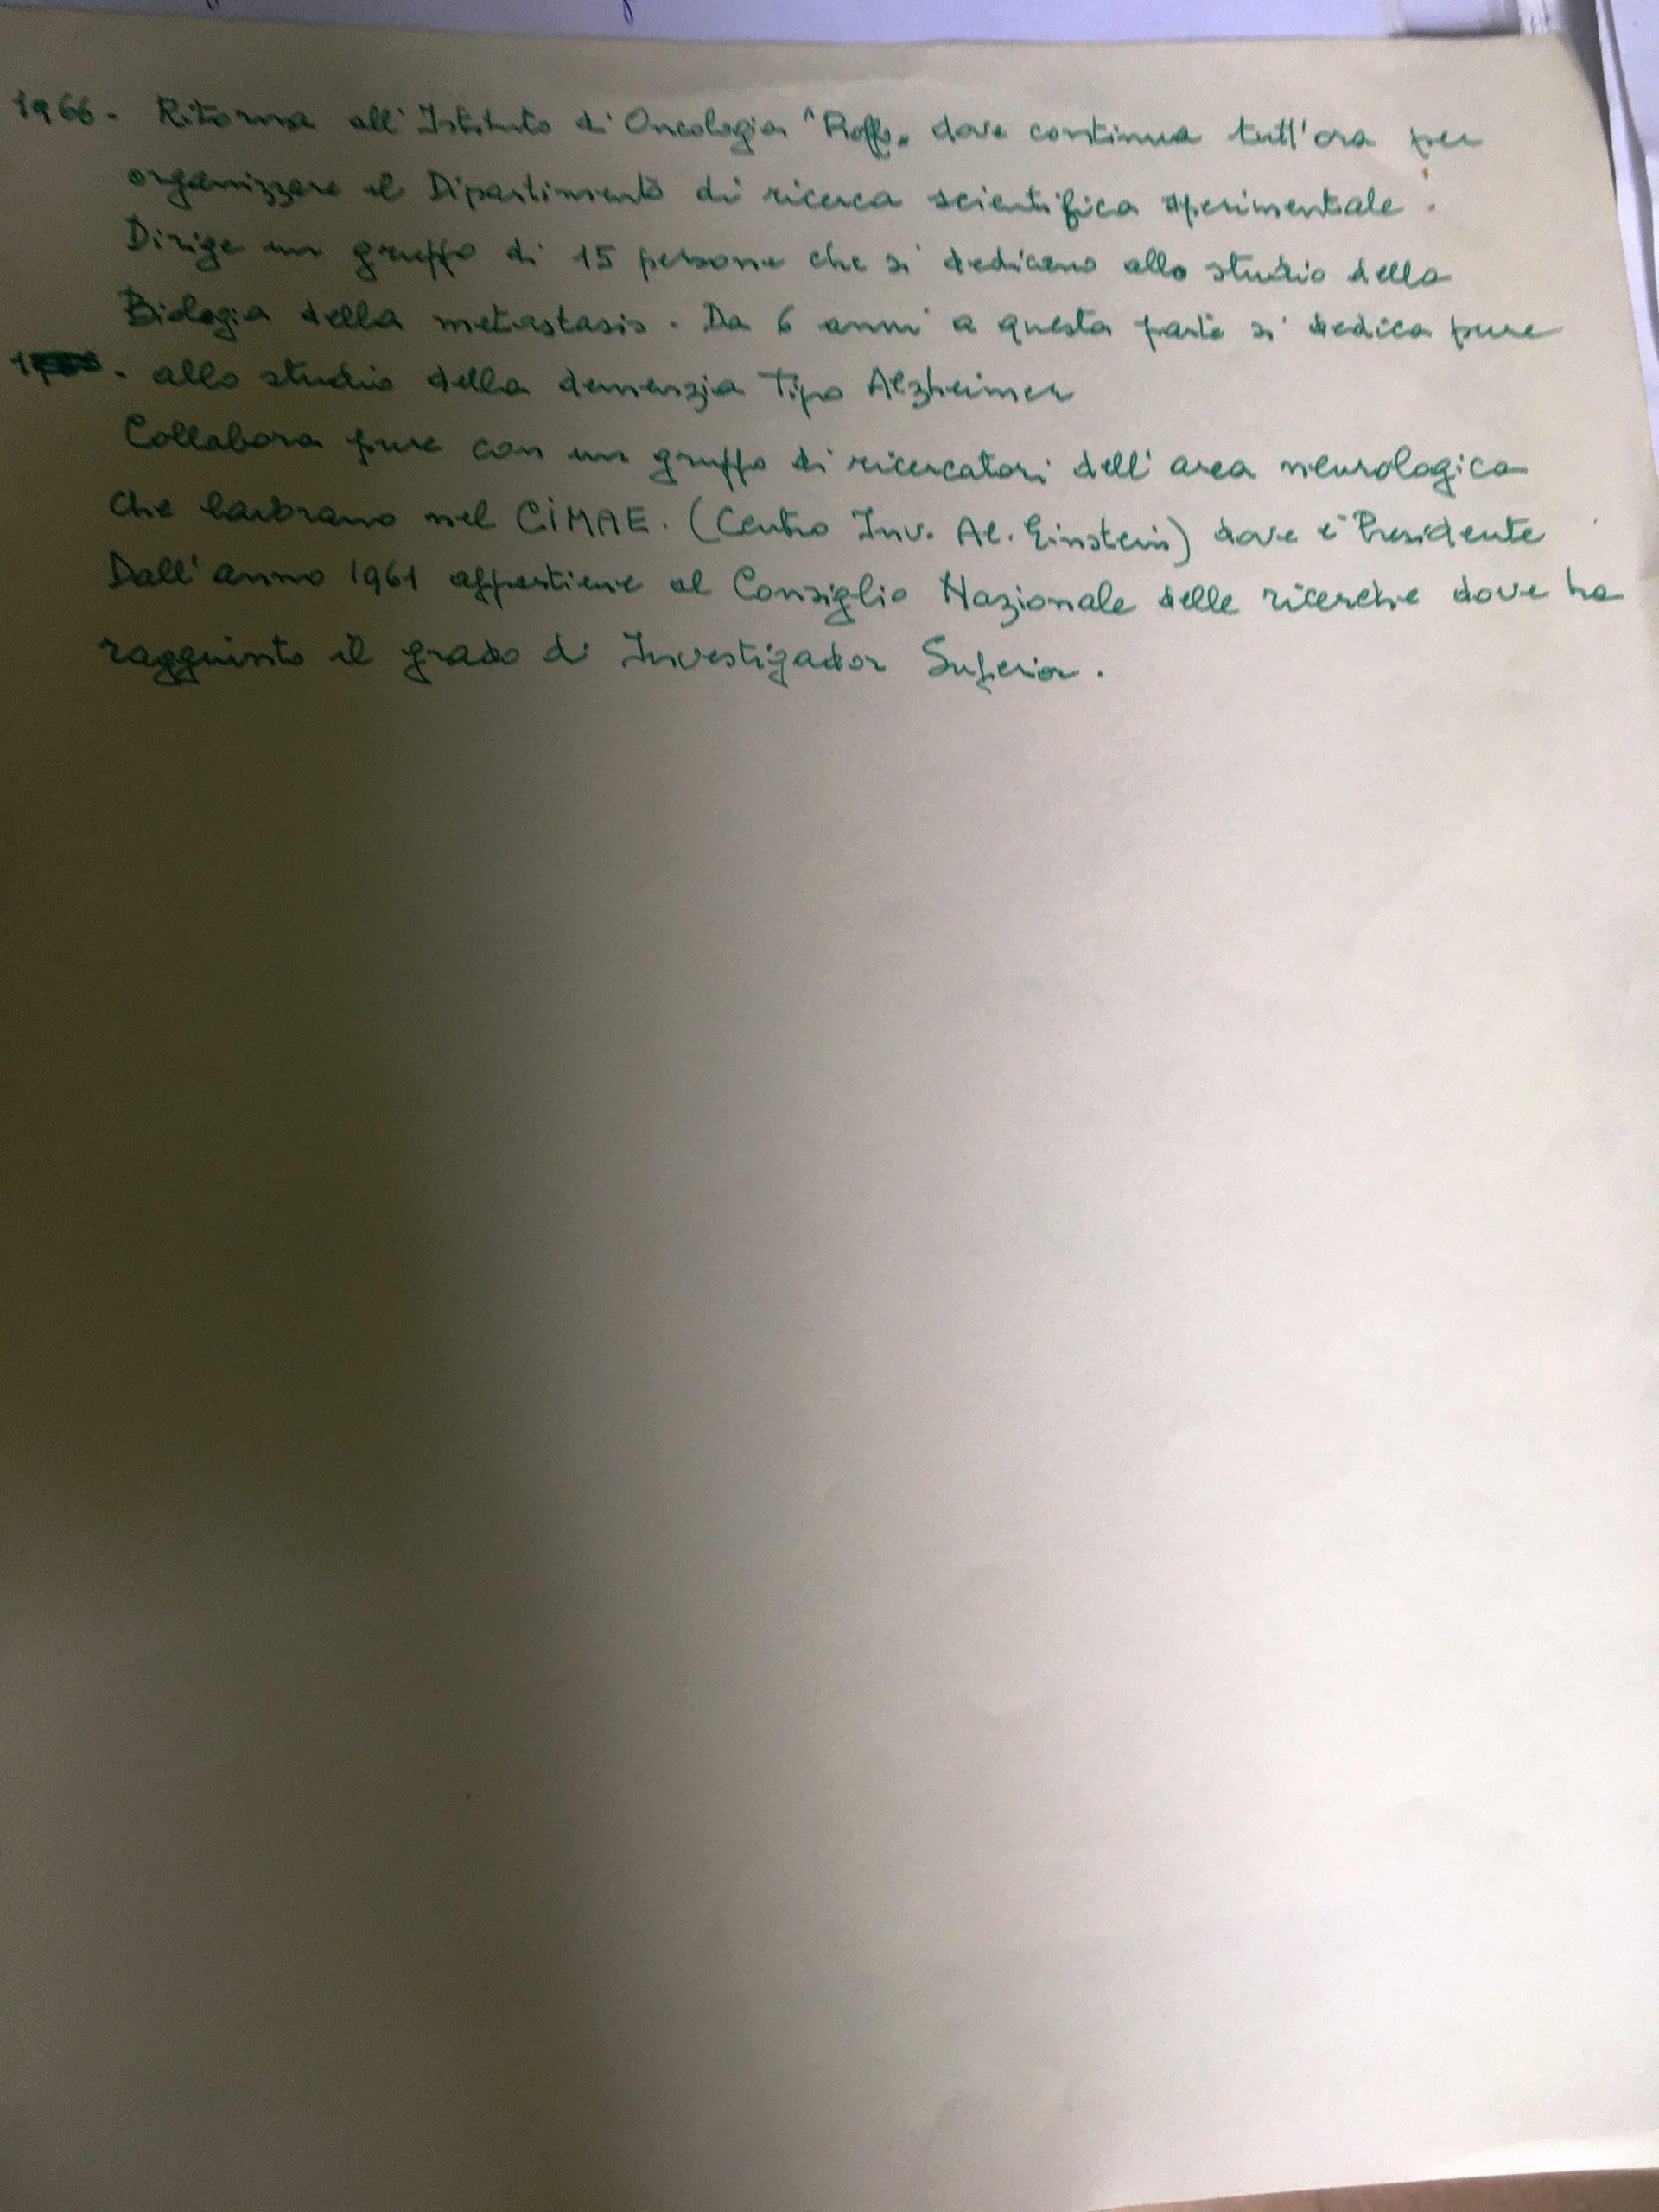 CV Manuscrito